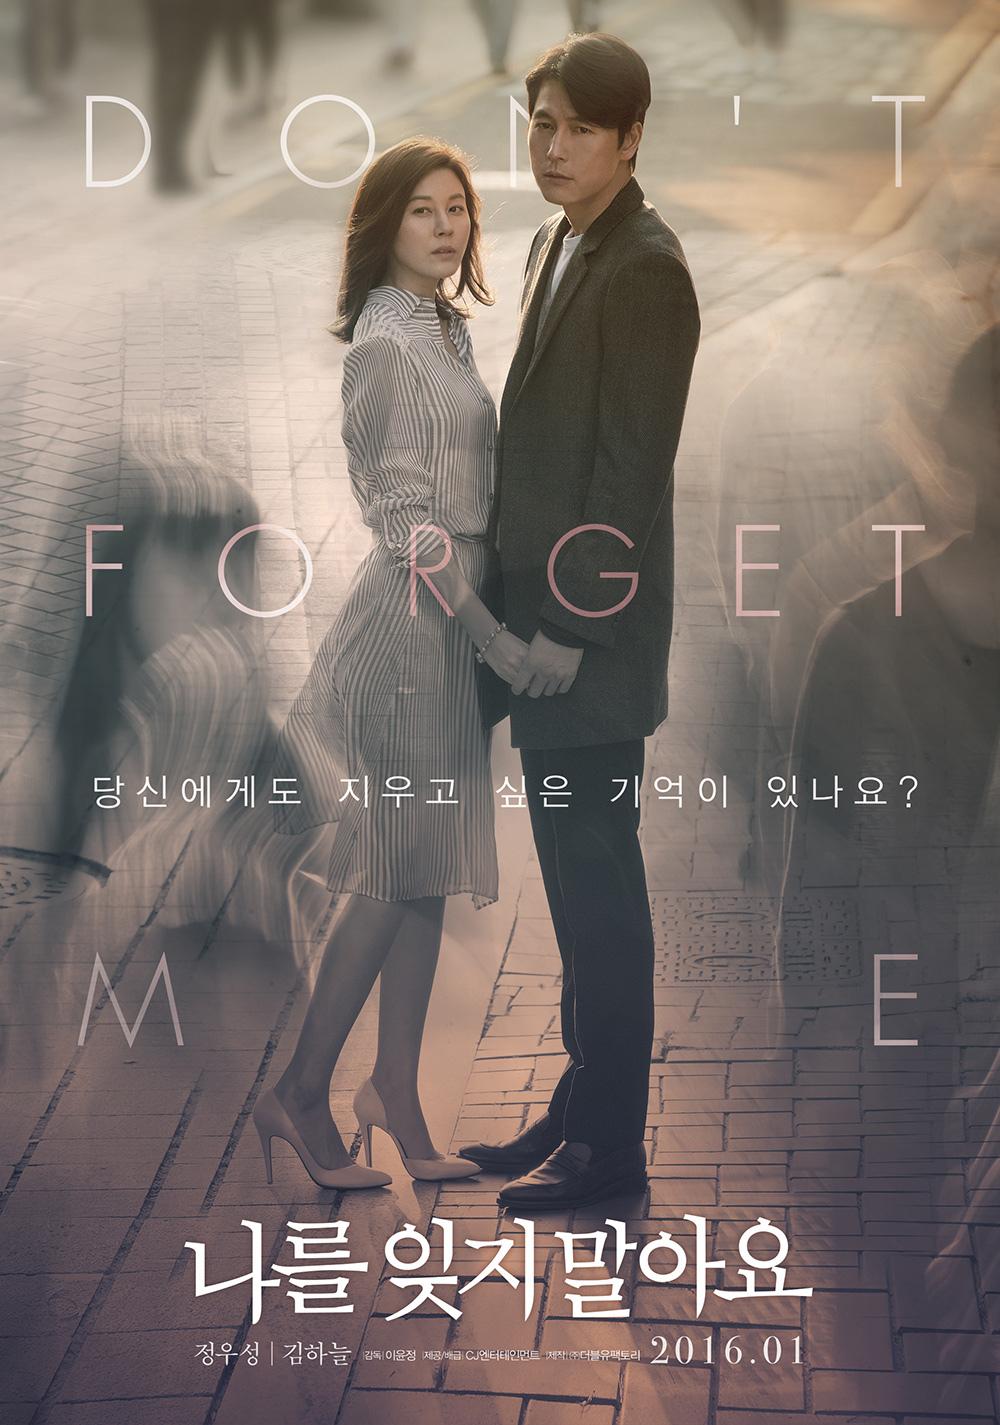 韓影《請不要忘記我》海報_1